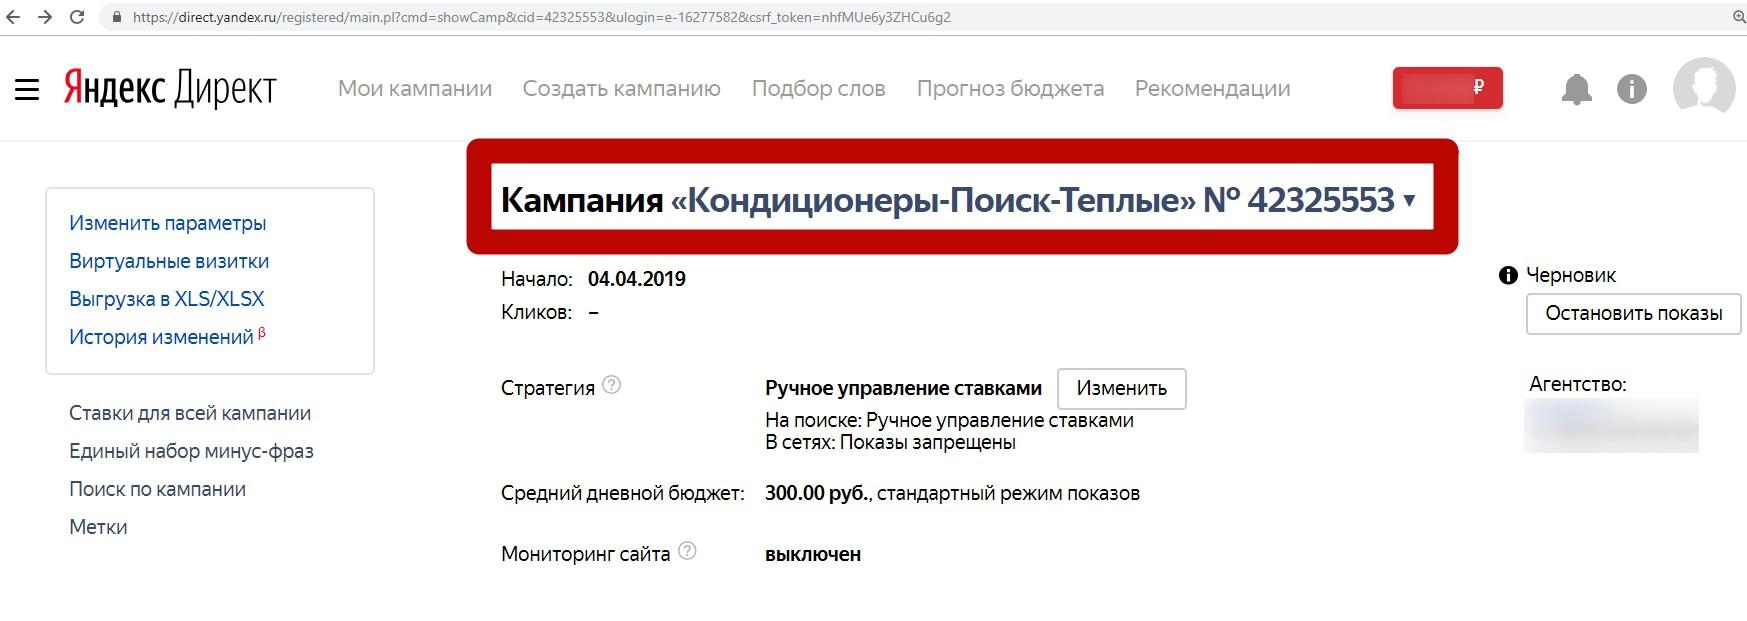 Реклама на поиске Яндекса – страница кампании